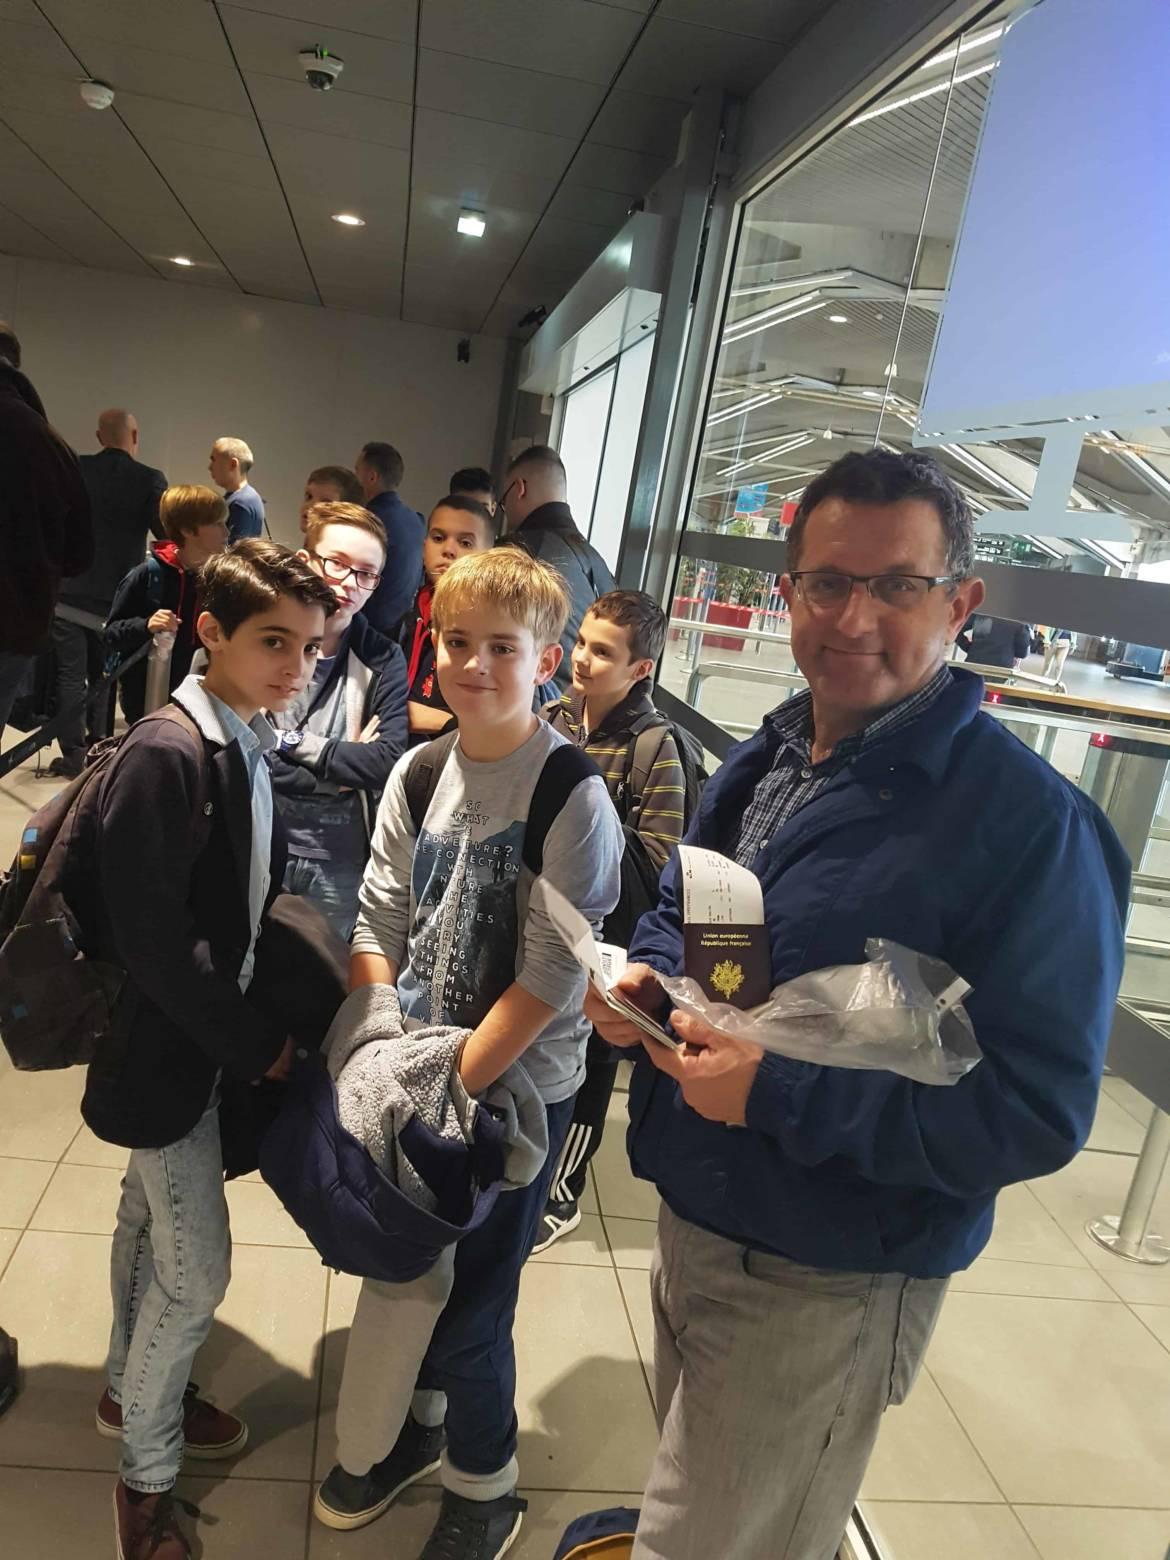 Aéroport-Saint-Exupéry-Lyon-25-octobre-2017-42.jpg